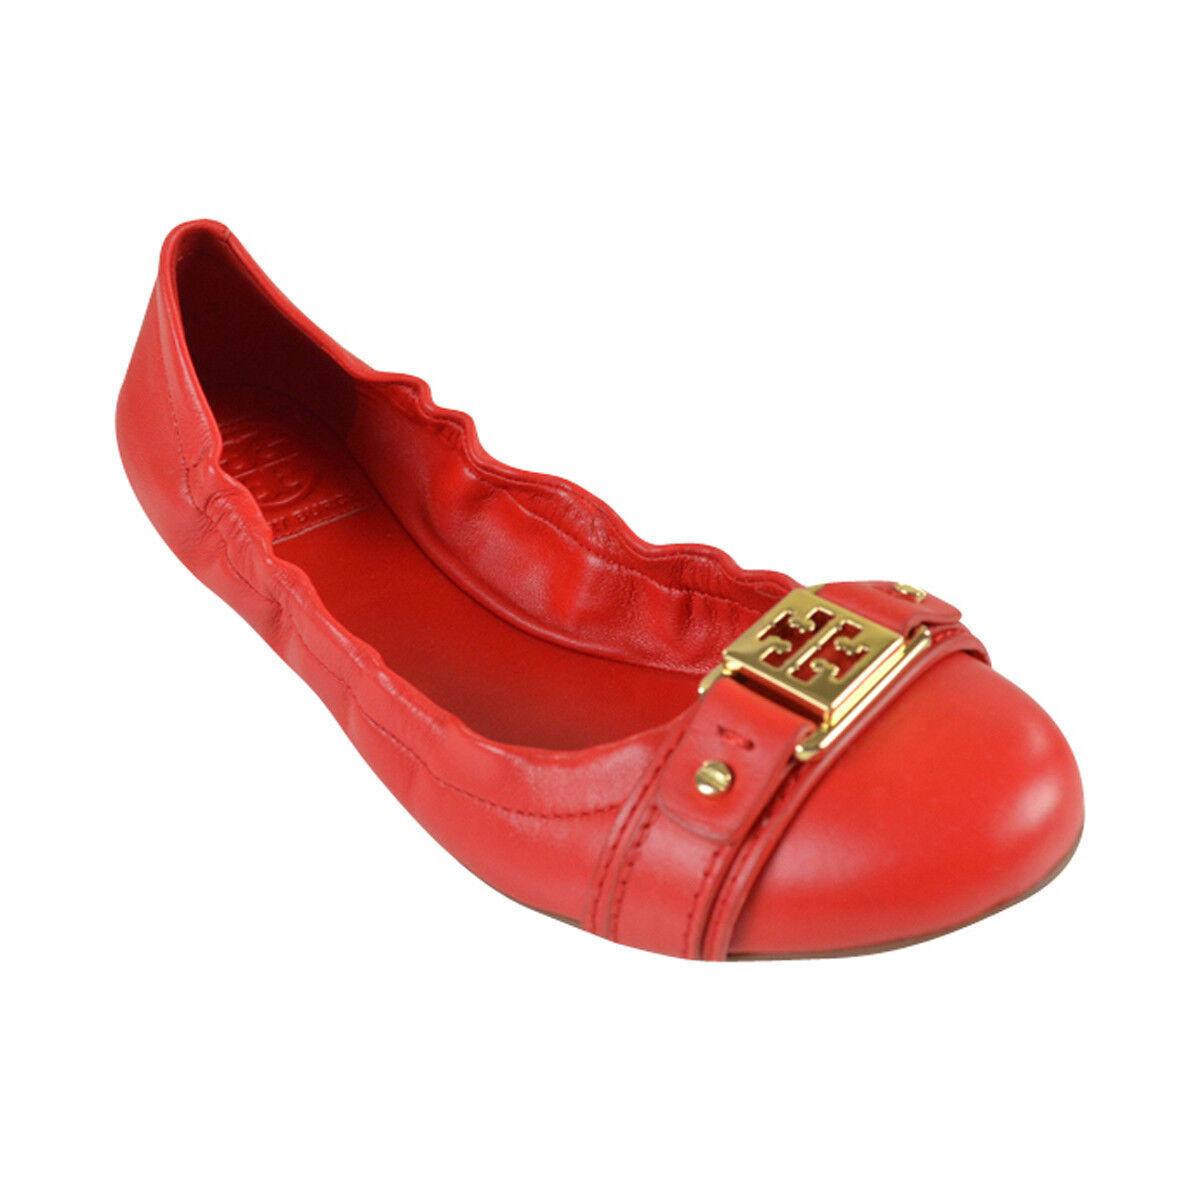 NIB Tory Burch AMBpink gold gold gold Logo Reva Cap Toe Ballet Flats 7-8.5 c8e771